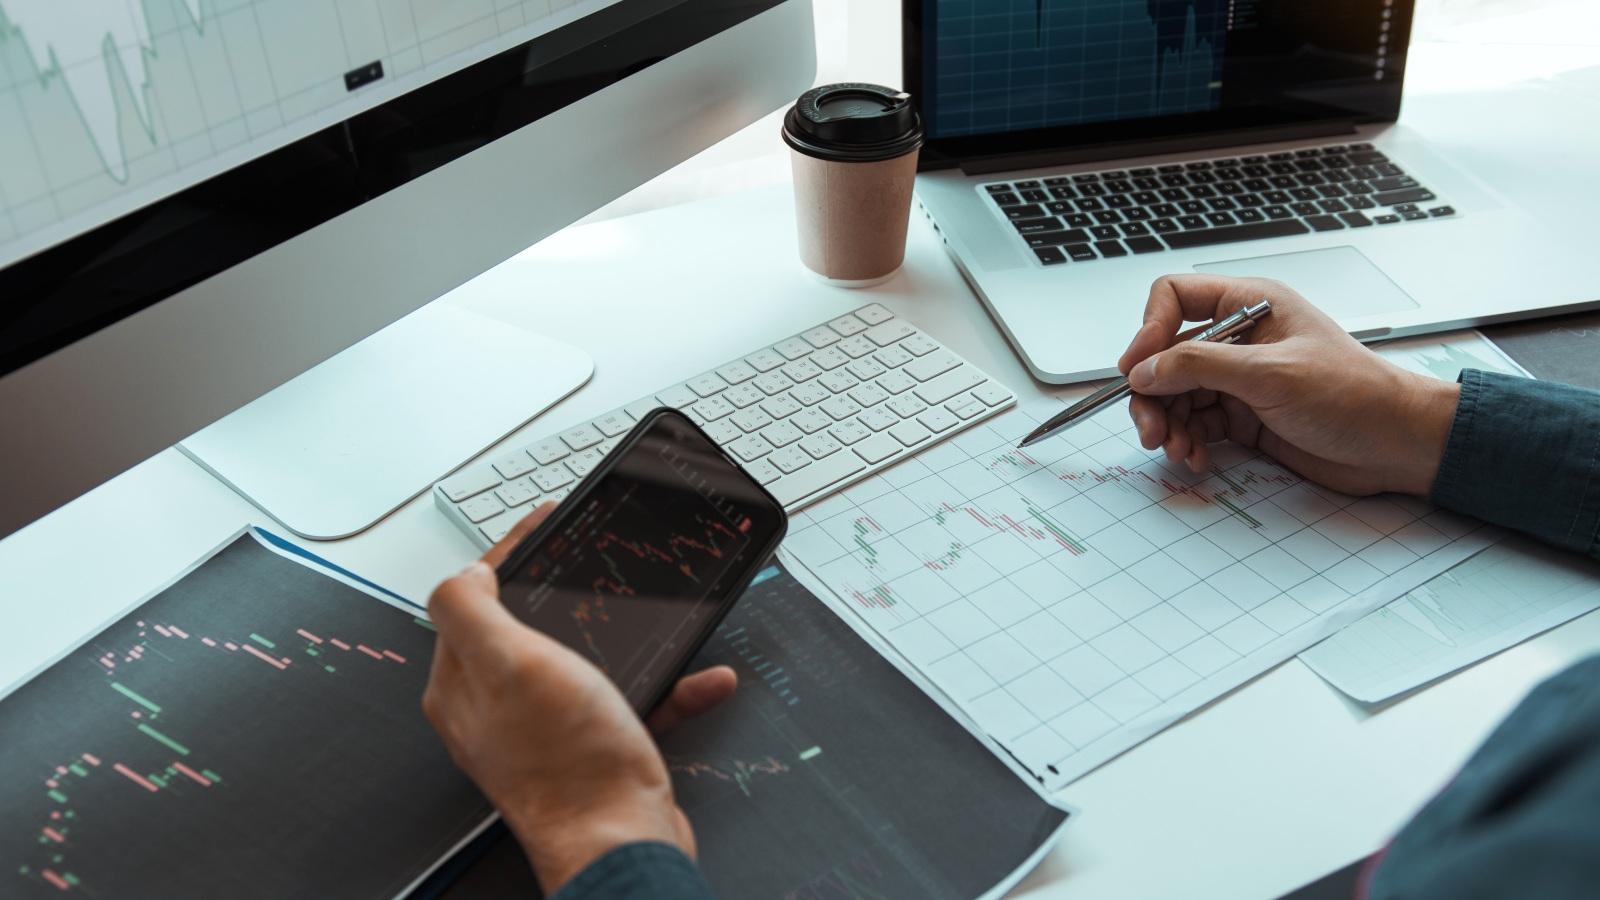 技術分析, 投資, 技術指標, 陰陽燭圖, 聶Sir, 香港財經時報HKBT